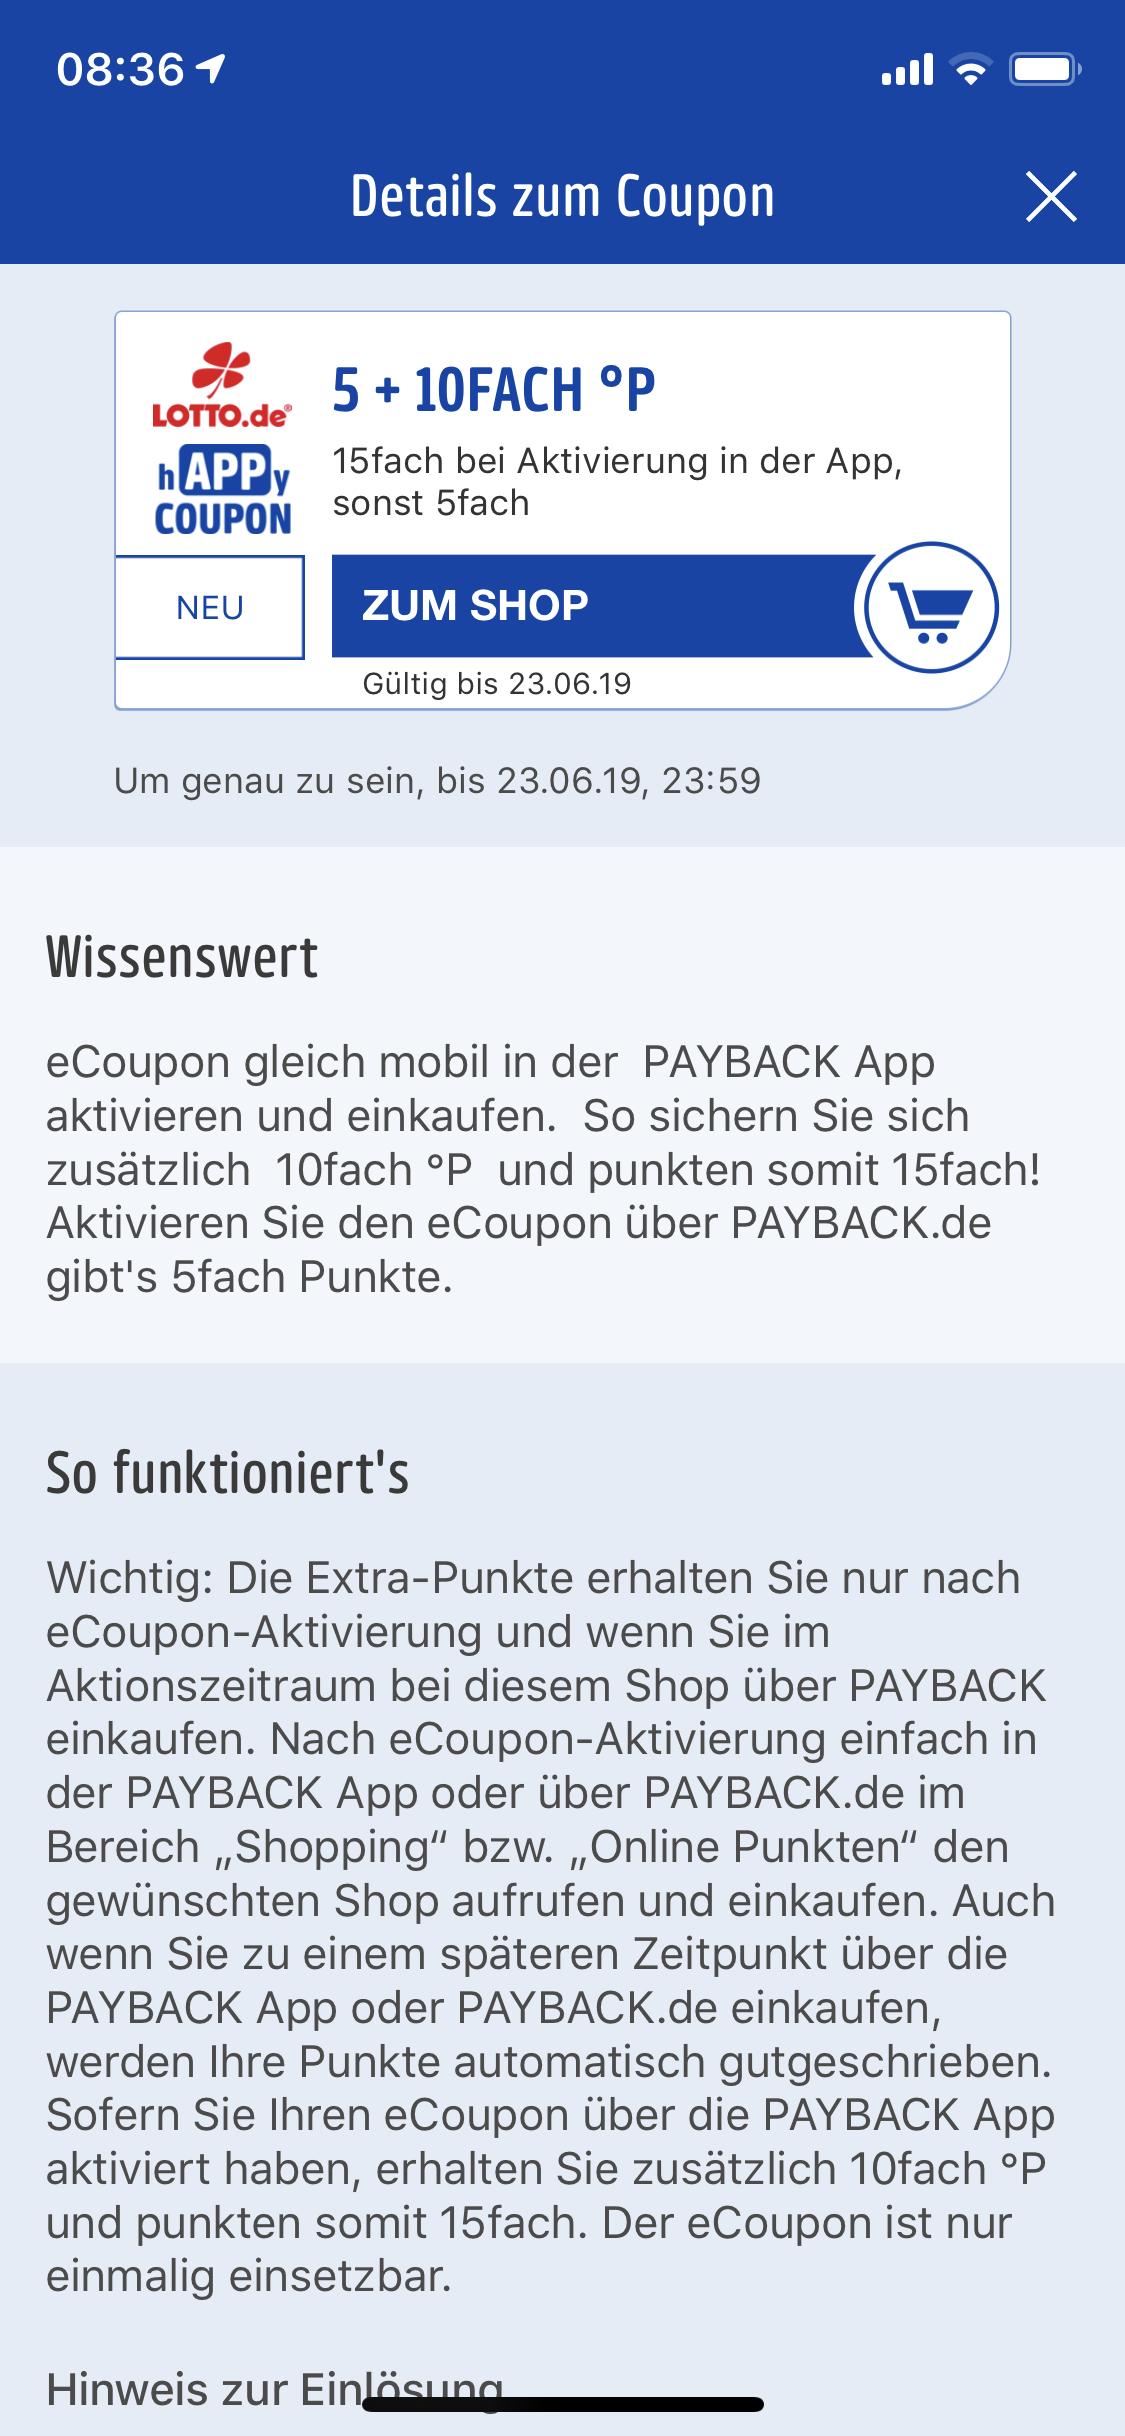 [Payback] 7,5% Rabatt auf Lotto.de über Payback App E-Coupon